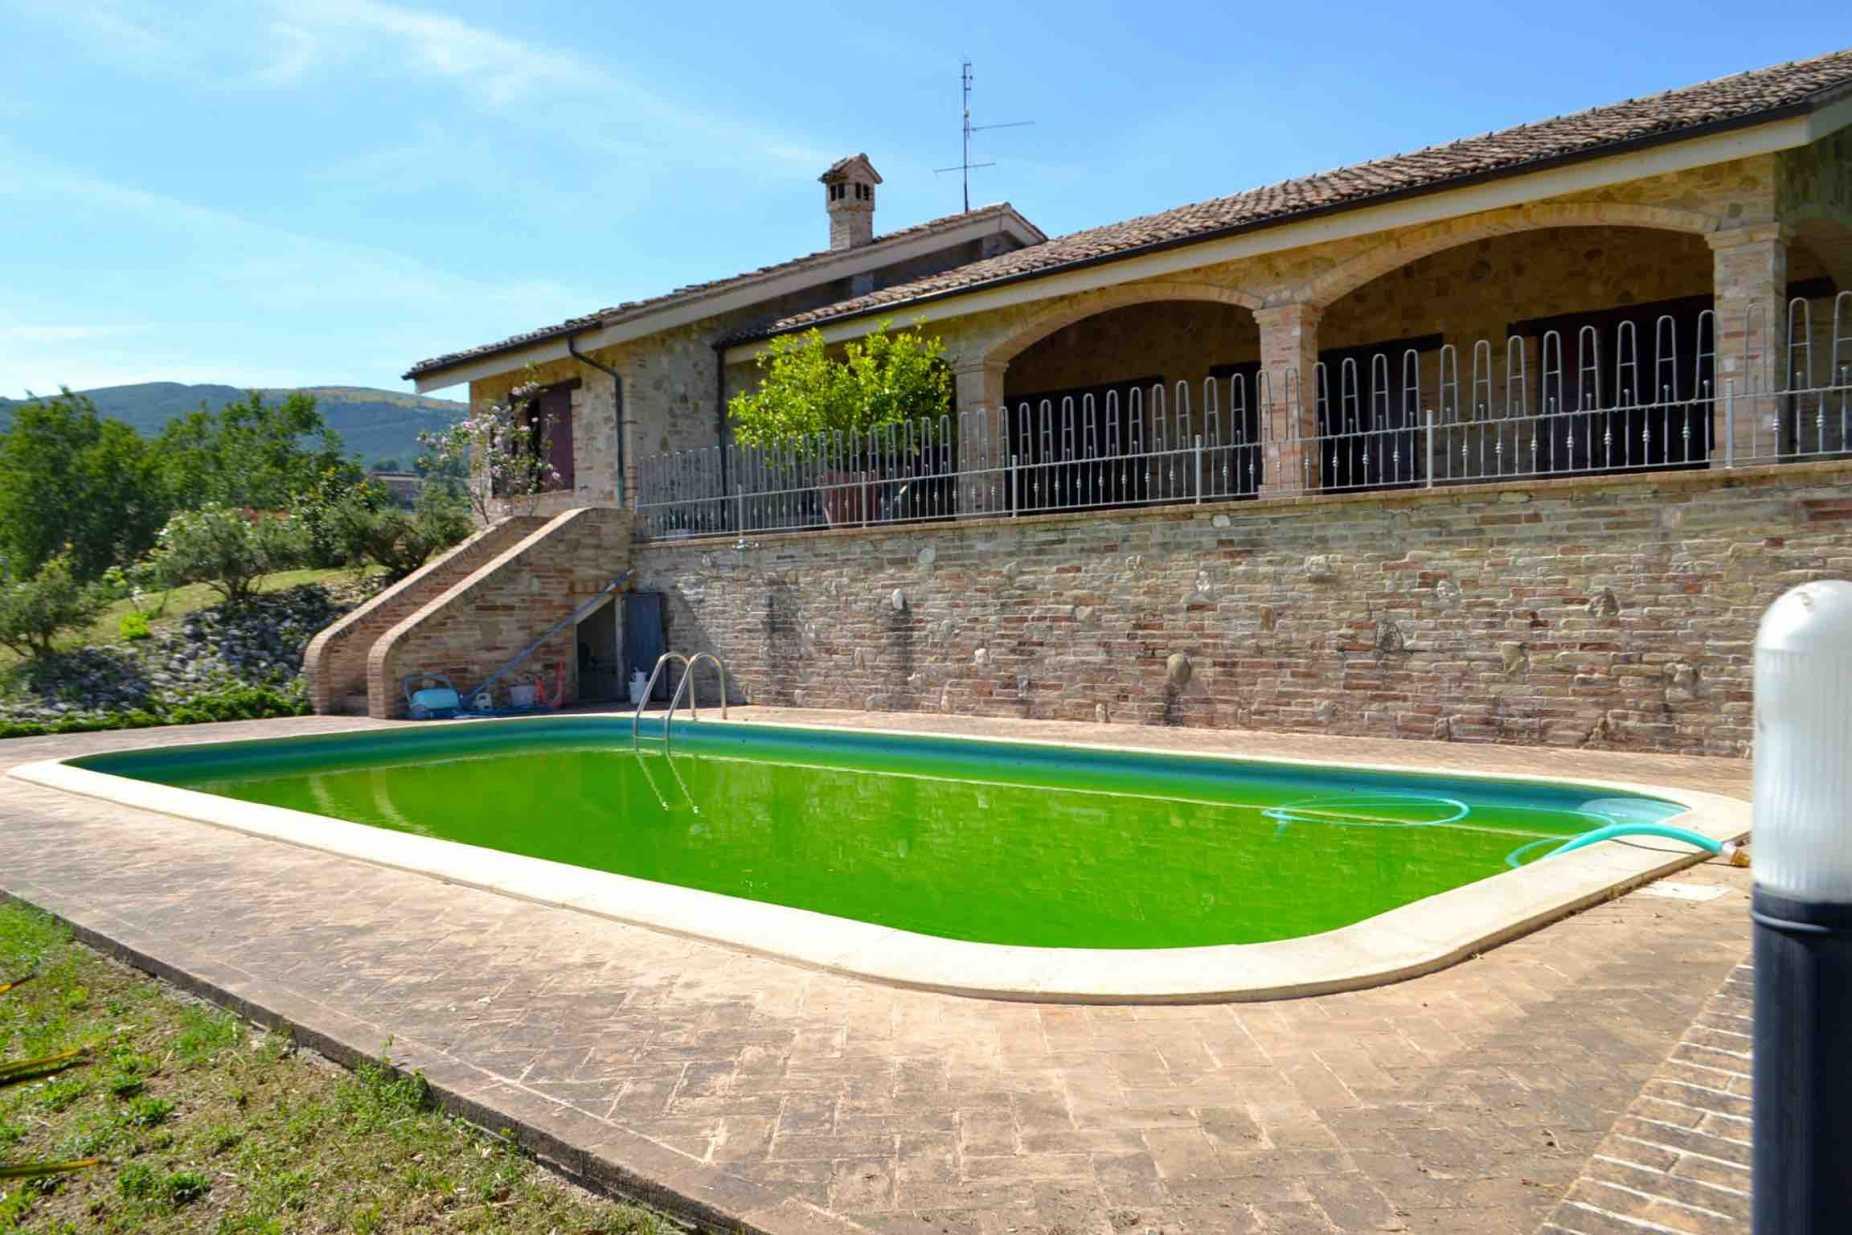 Villa singola con piscina e giardino in vendita a cingoli - Giardino con piscina ...